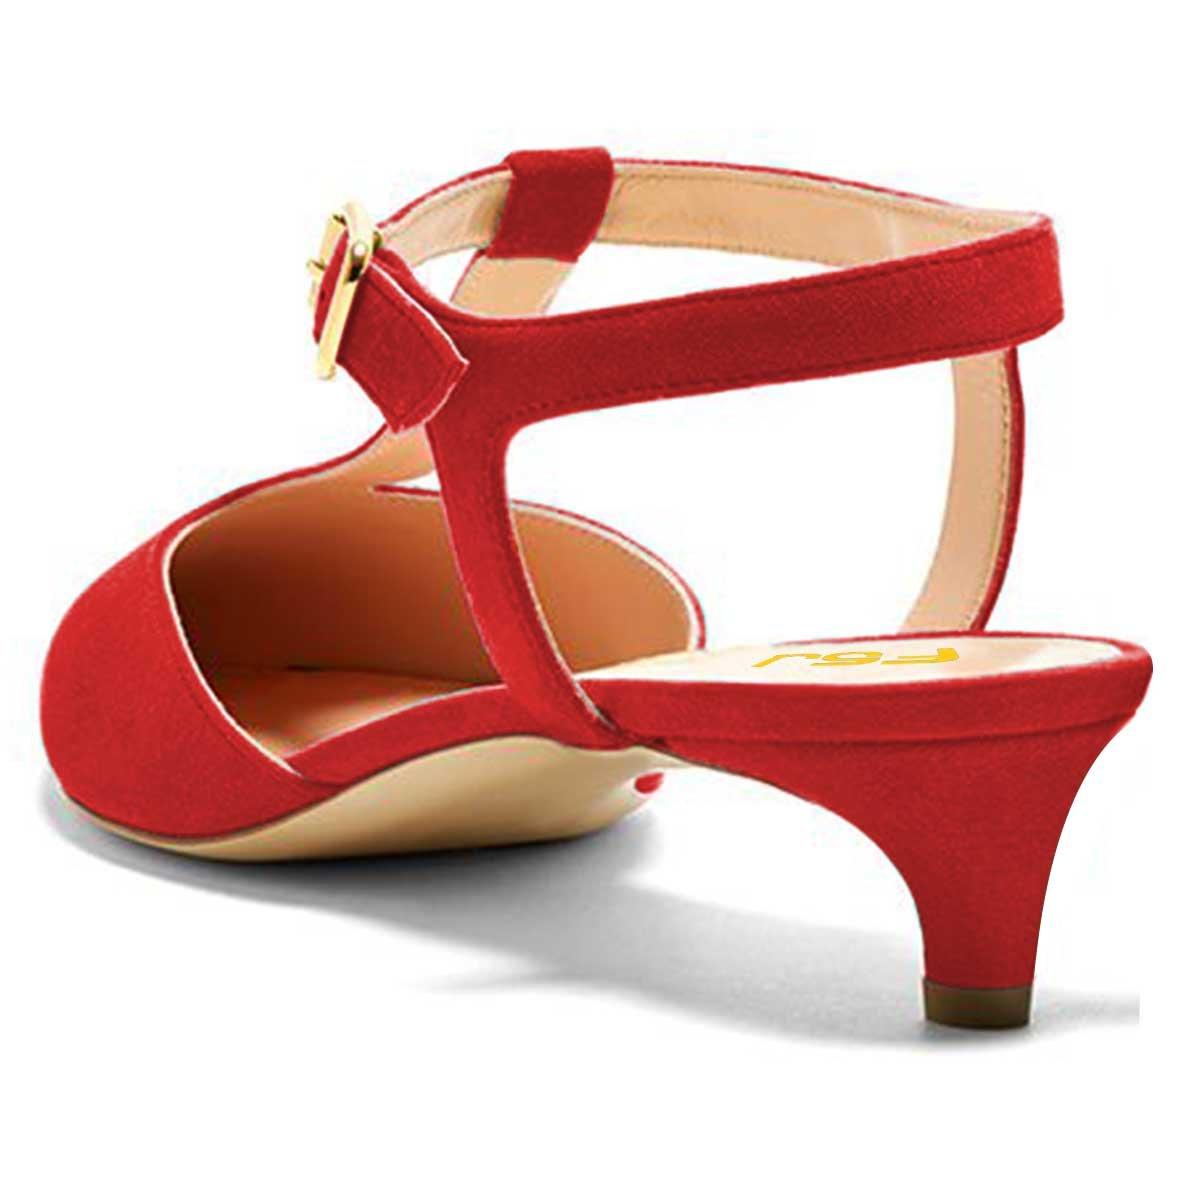 FSJ Women T-Strap Low Kitten Heels Pumps Pointed Toe Slingback Sandals Cofmort Shoes Size 4-15 US